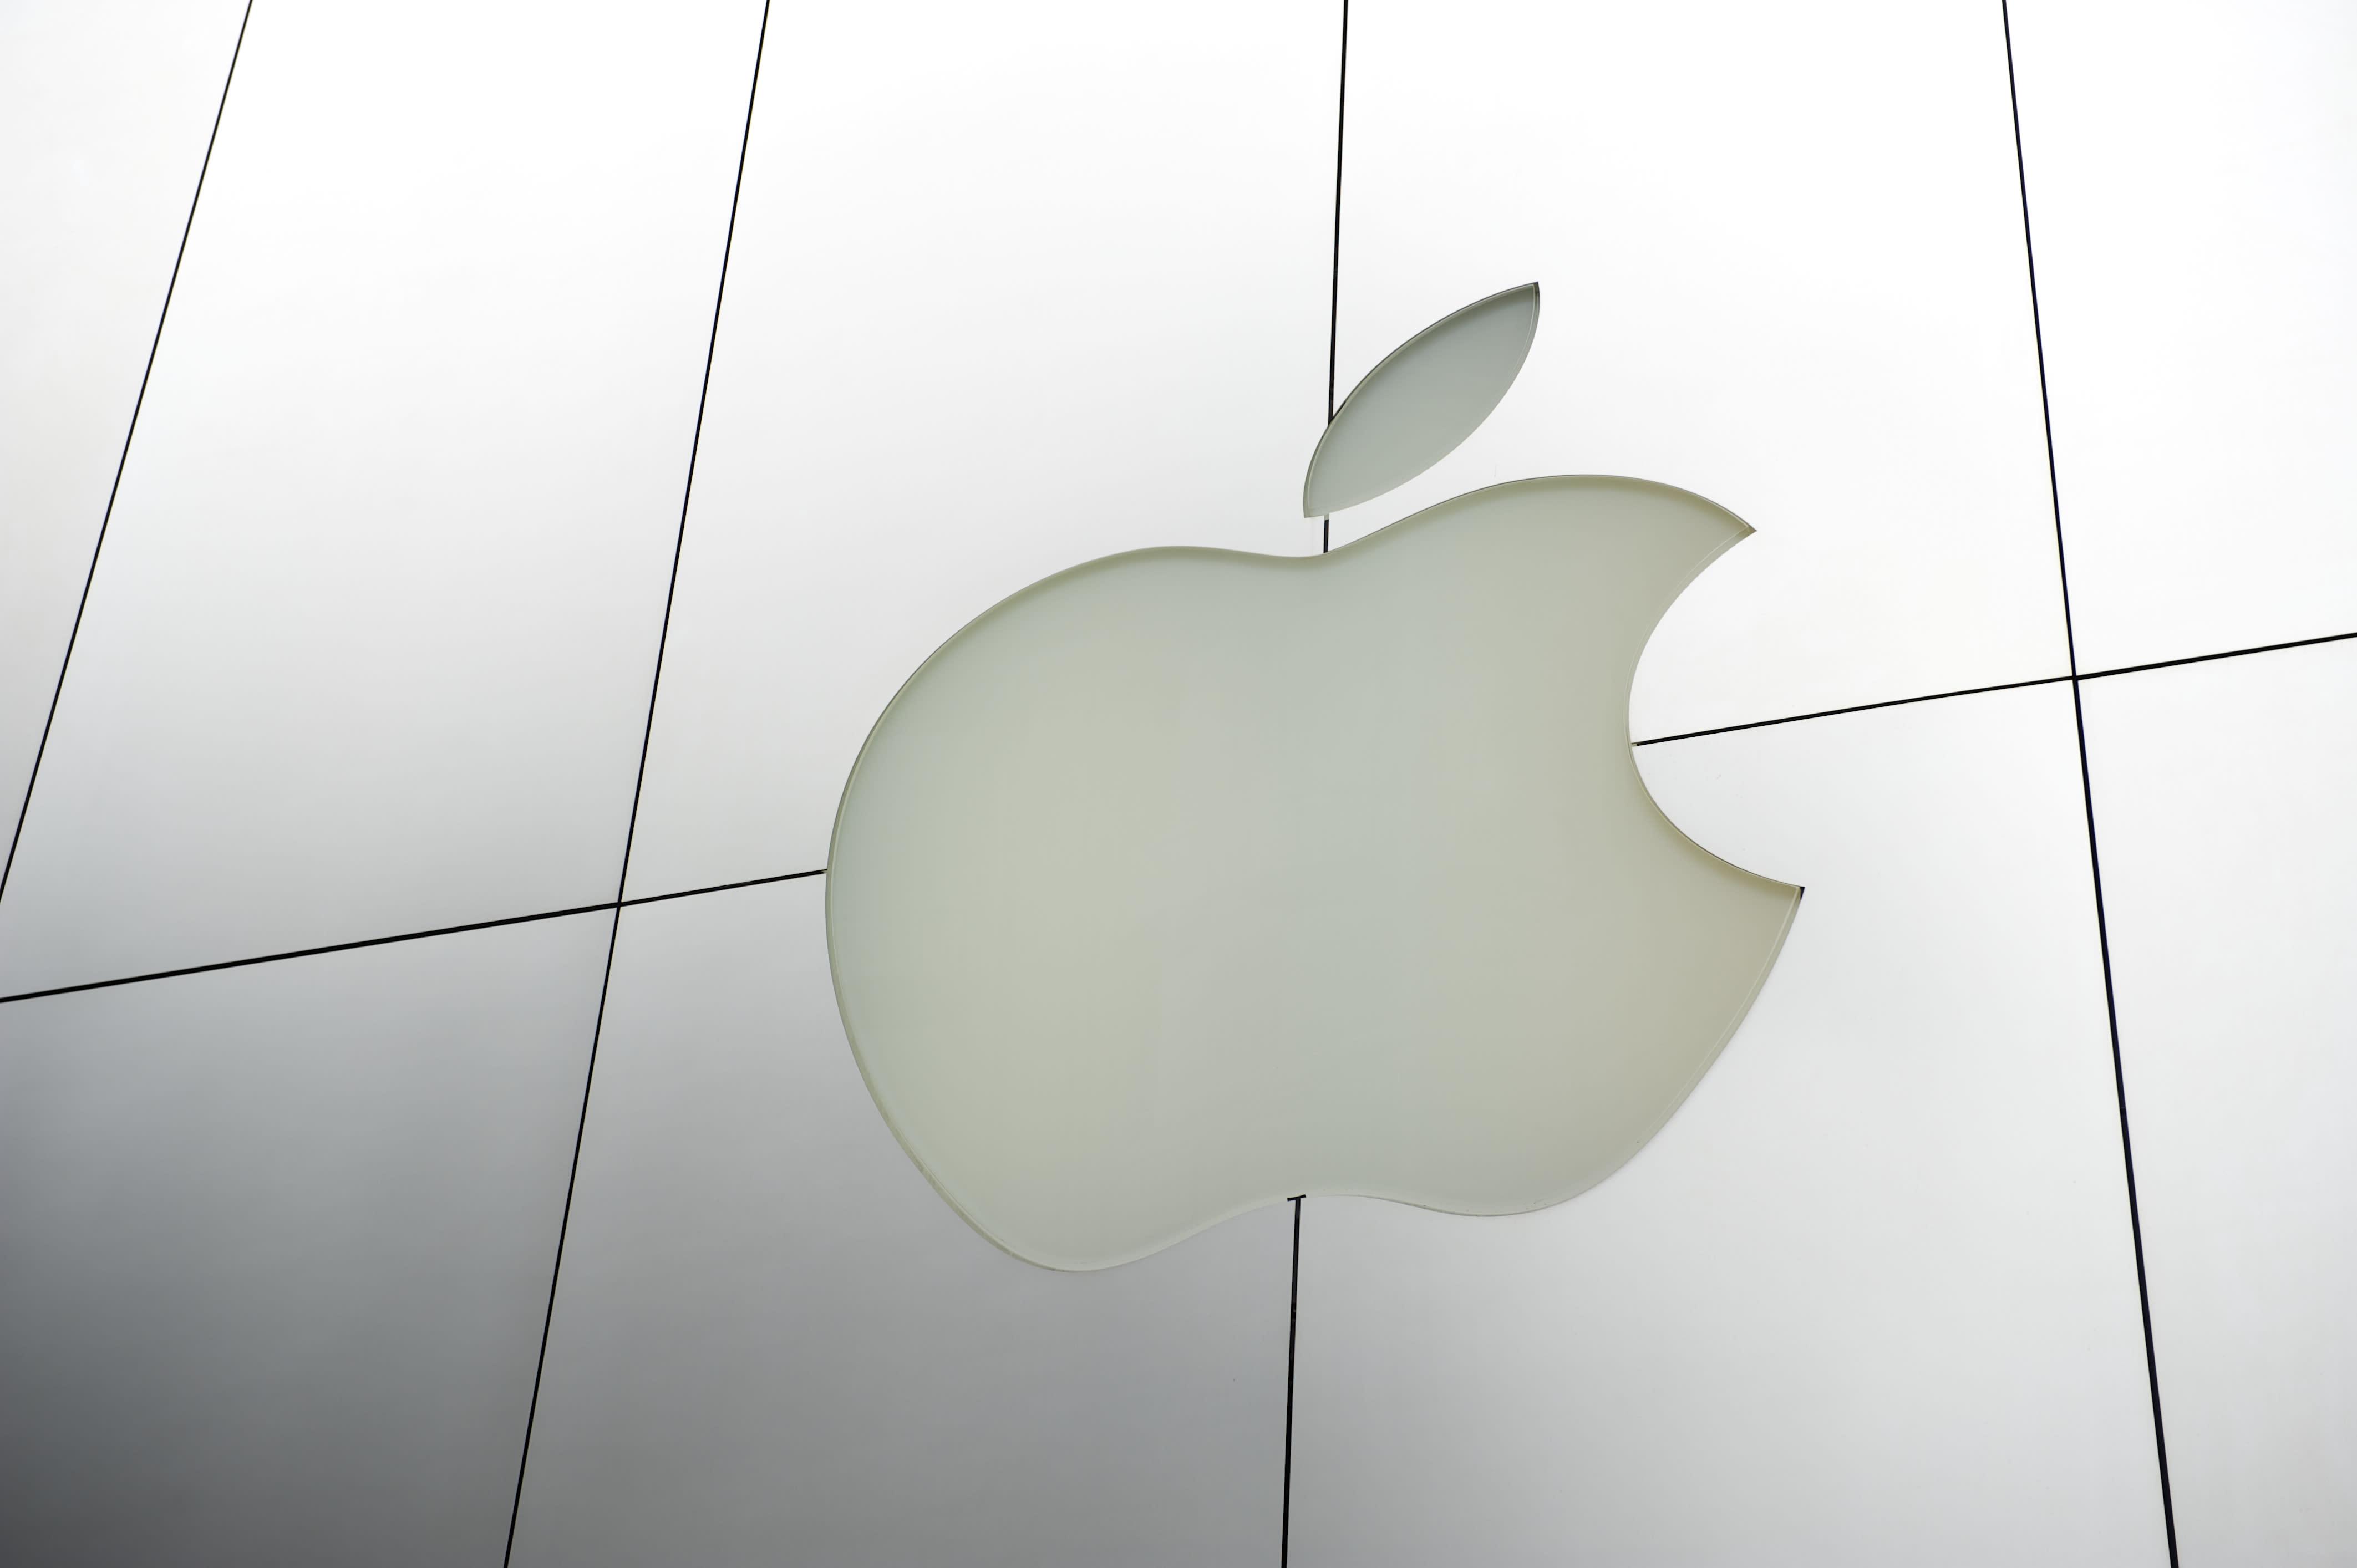 Apple: Mit diesen Geschäftszweigen rüstet sich der Mega-Konzern für die Zukunft